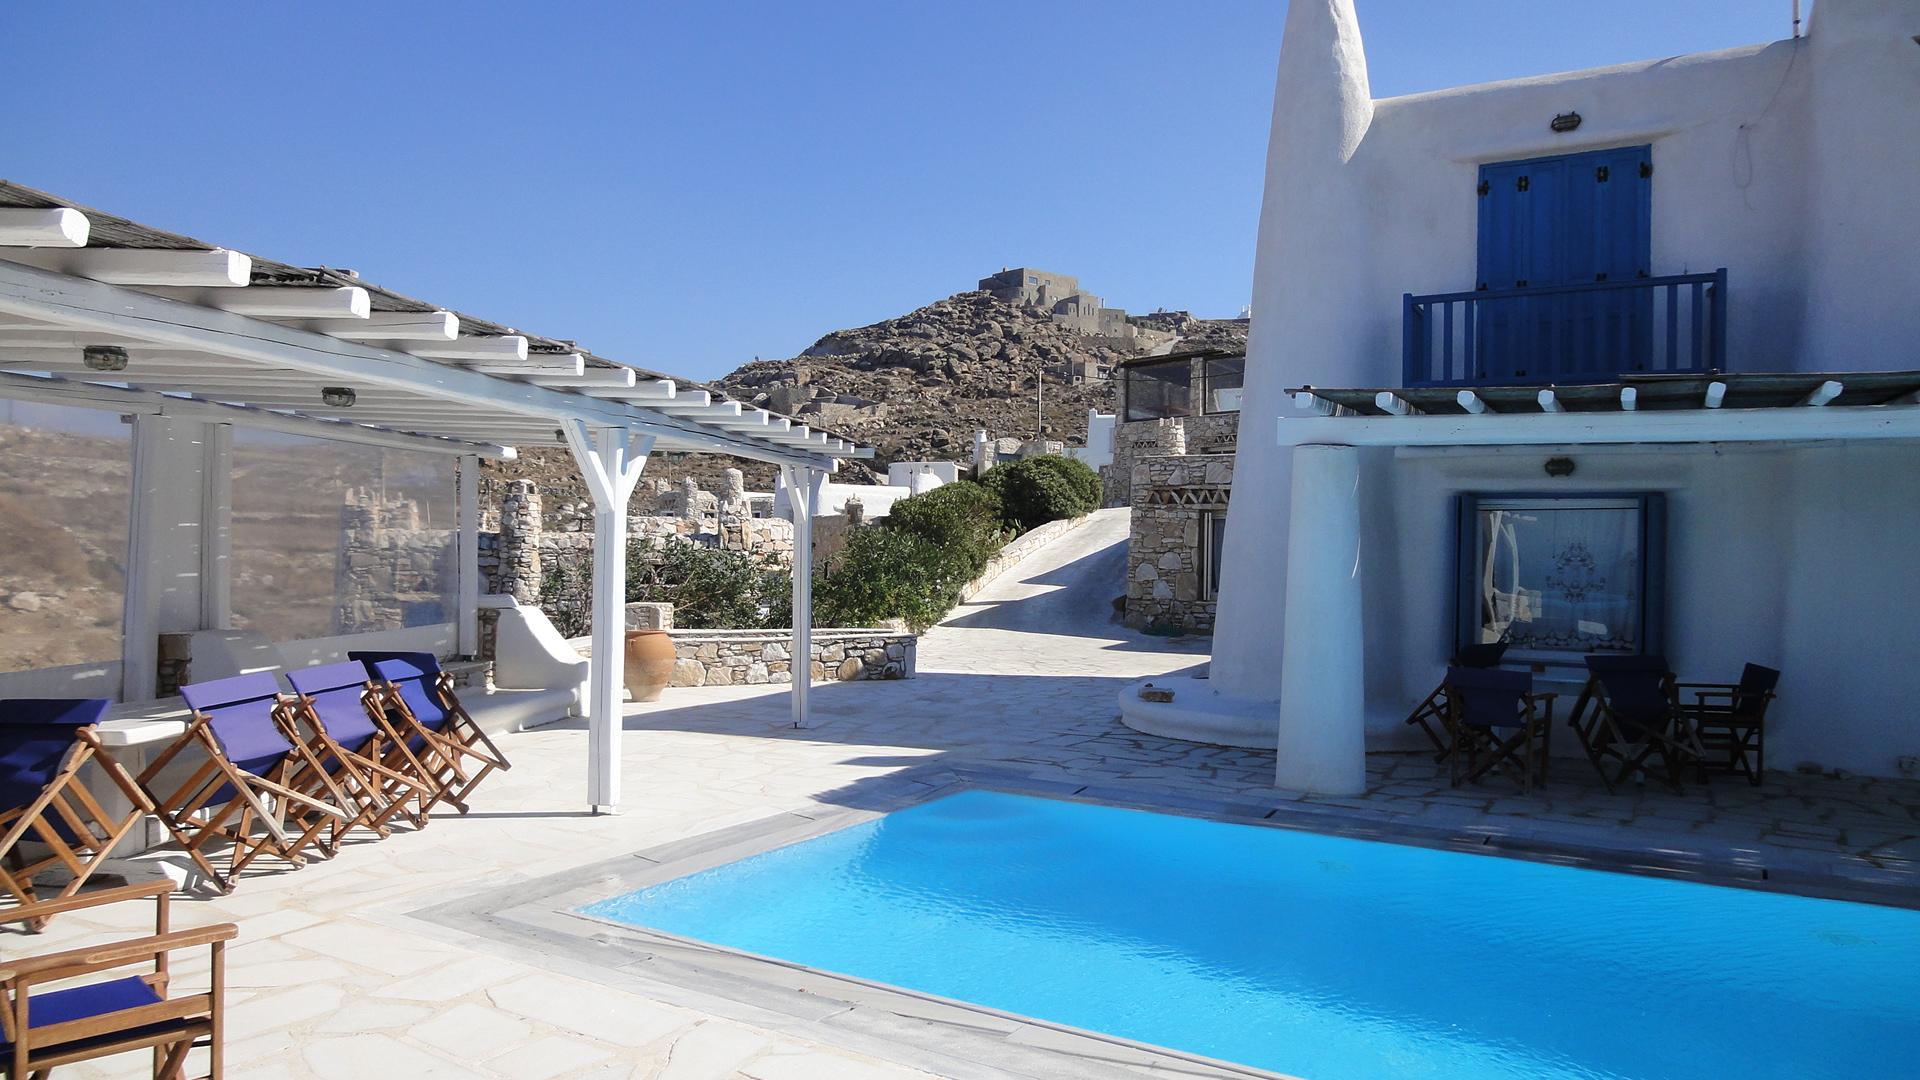 House in Myconos